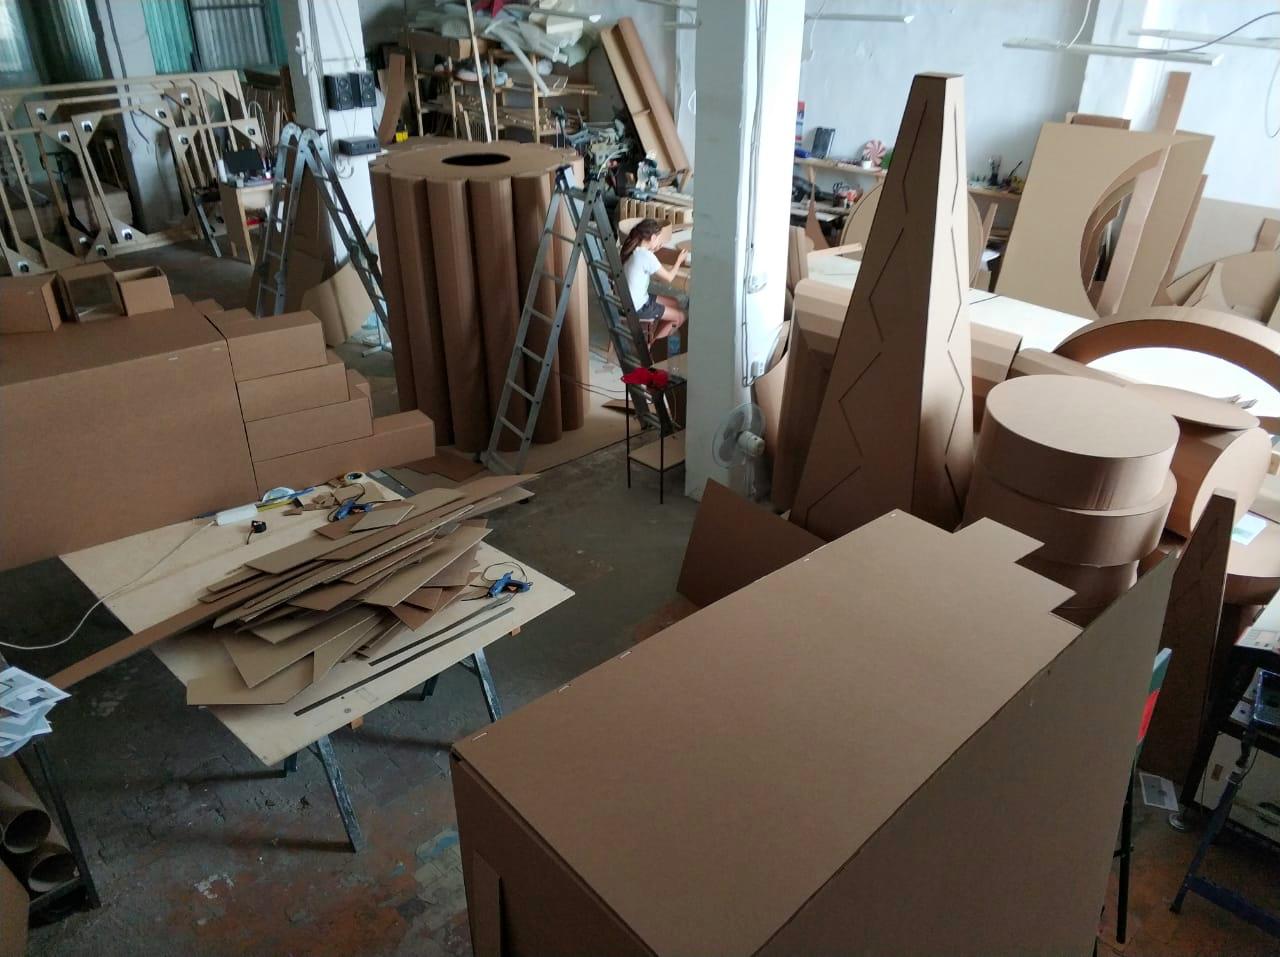 Пятиметровое оригами, или Как построить футуристический город из картона - 6